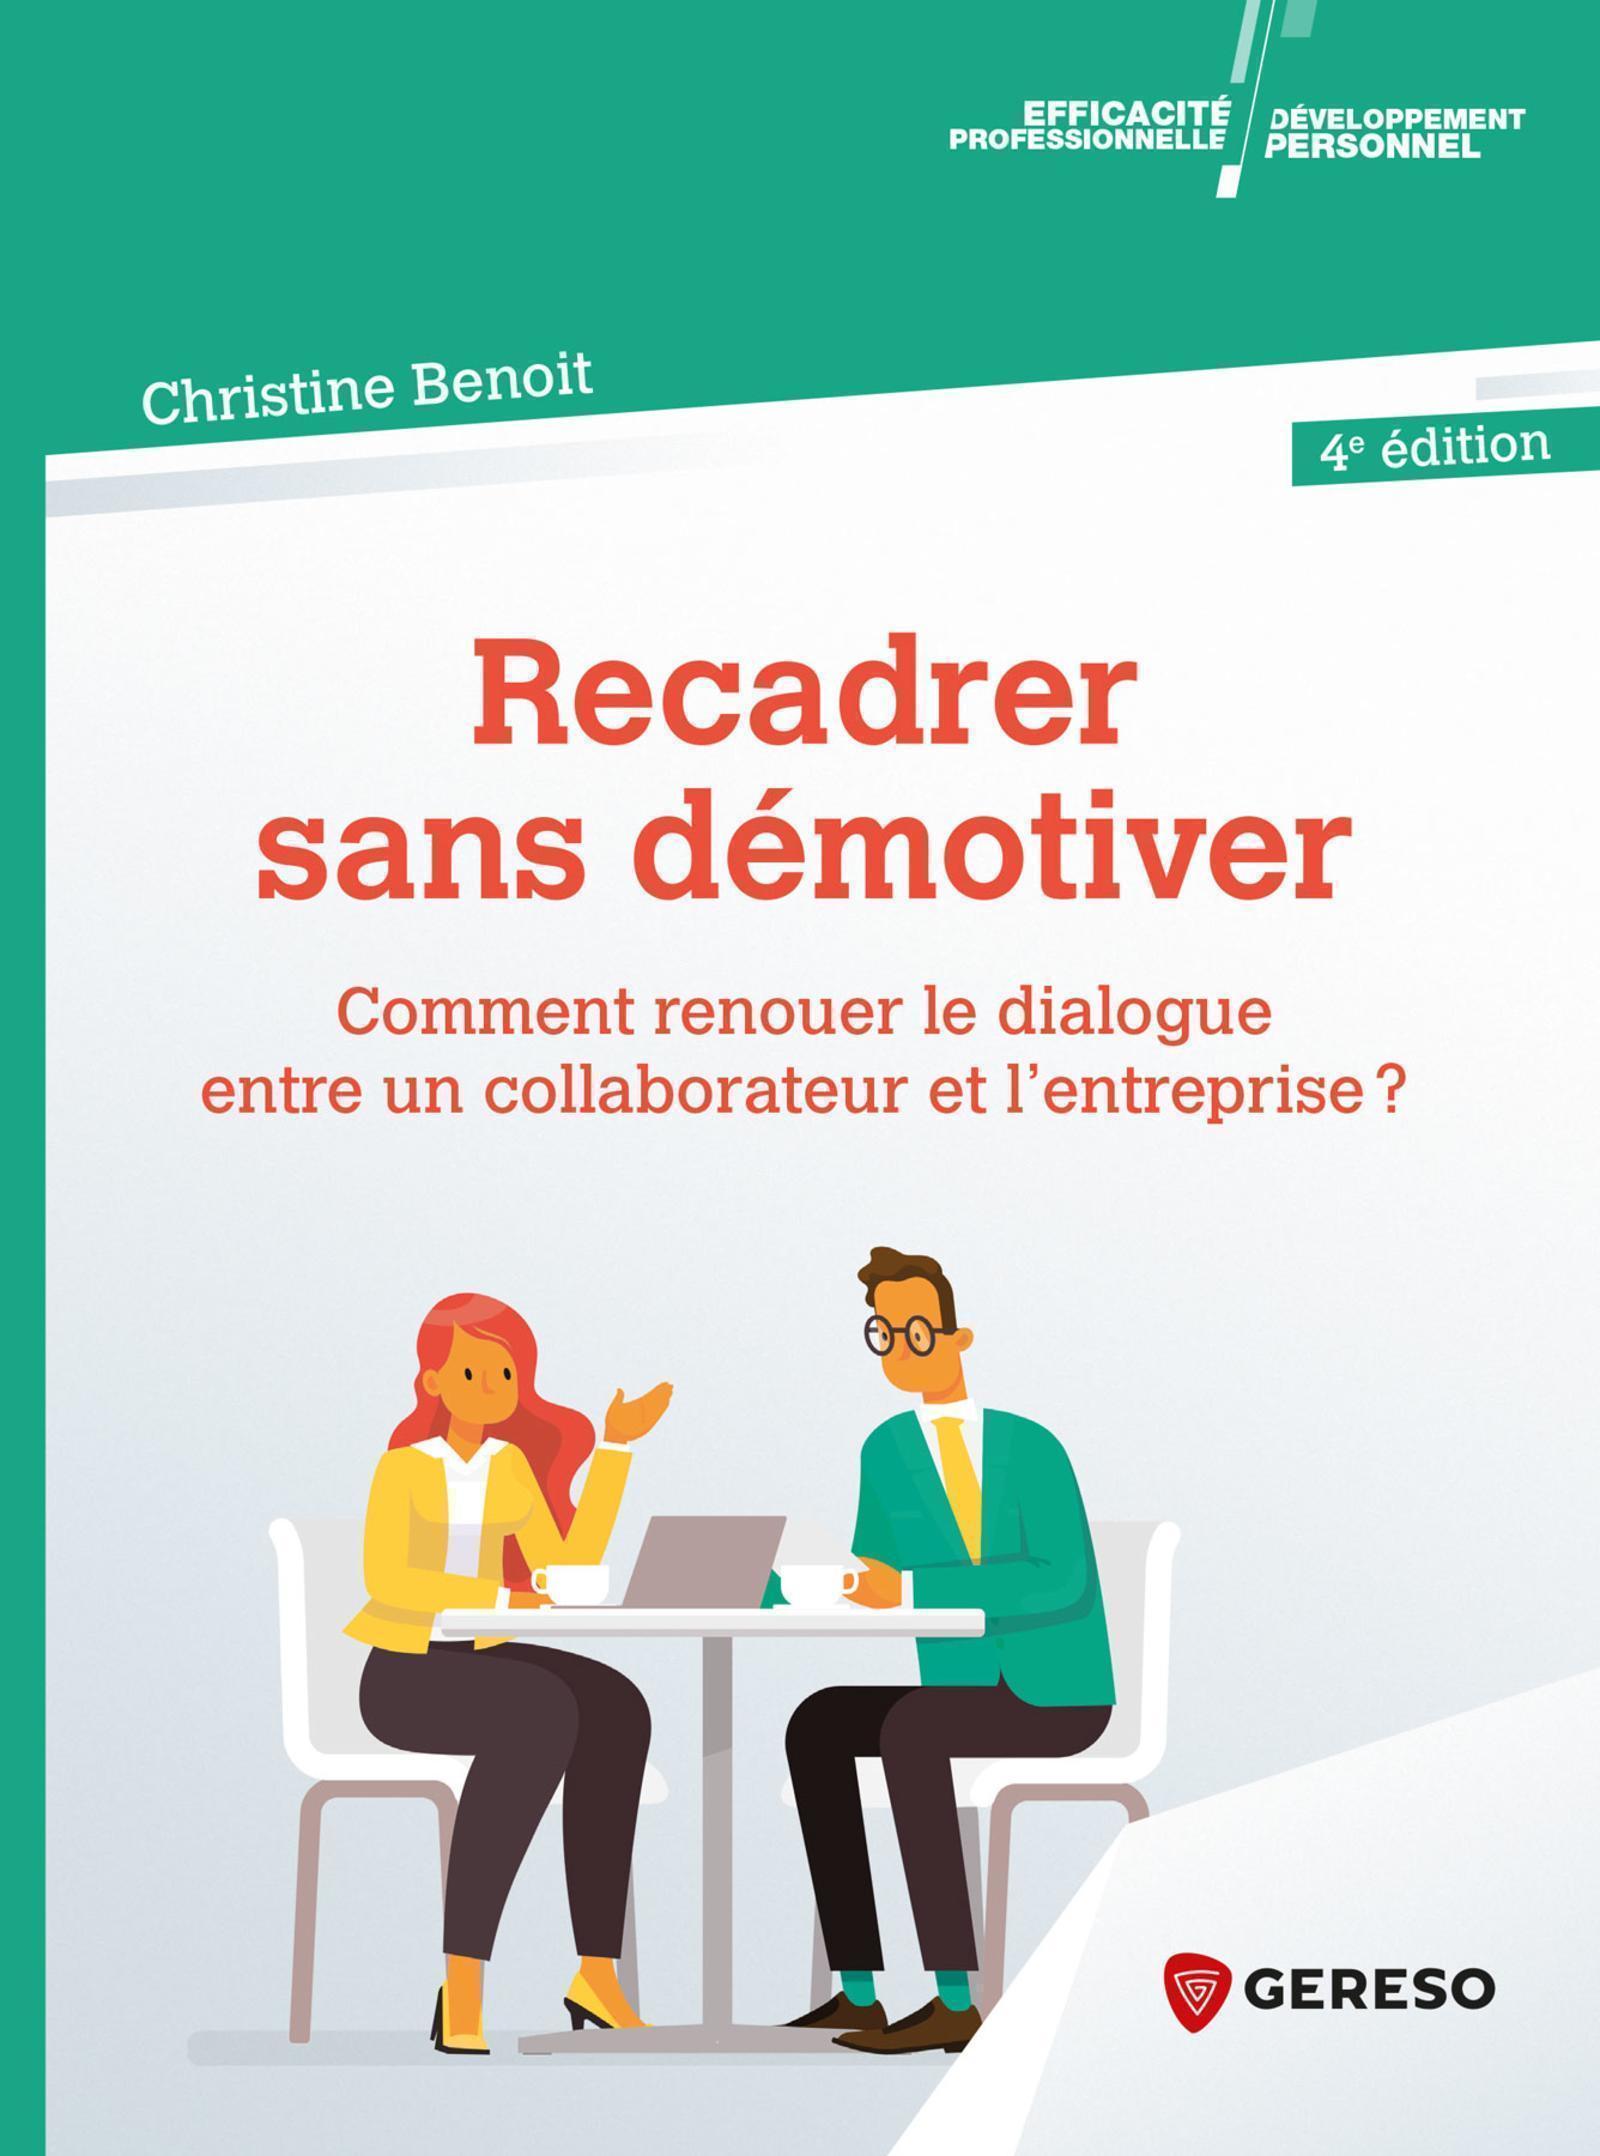 RECADRER SANS DEMOTIVER - COMMENT RECONCILIER LE SALARIE AVEC SON TRAVAIL